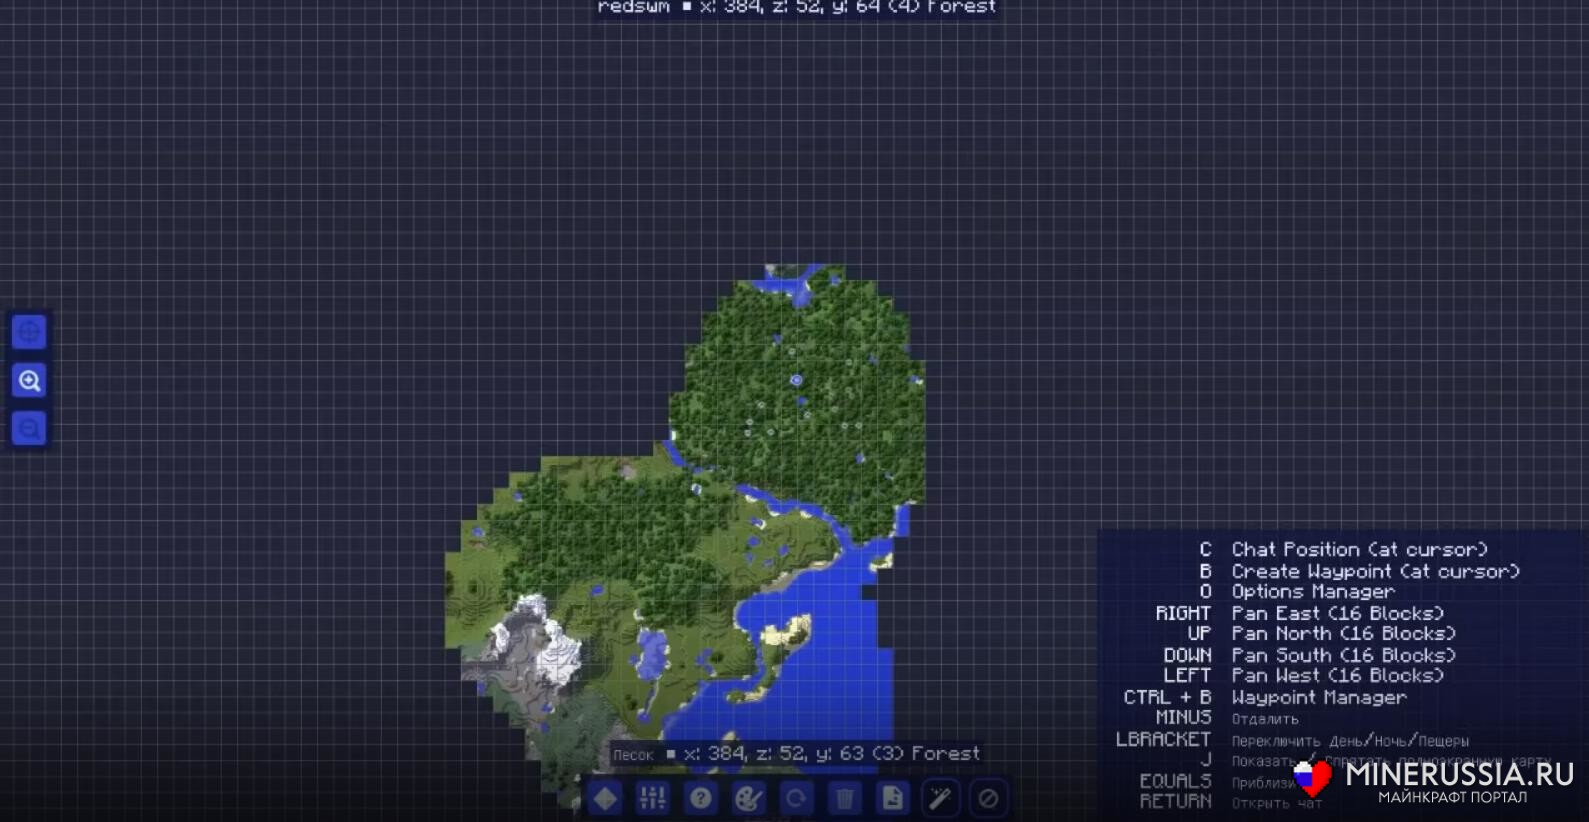 Мод на покемонов «Pixelmon»1.12.2/1.7.10 - скриншот 9